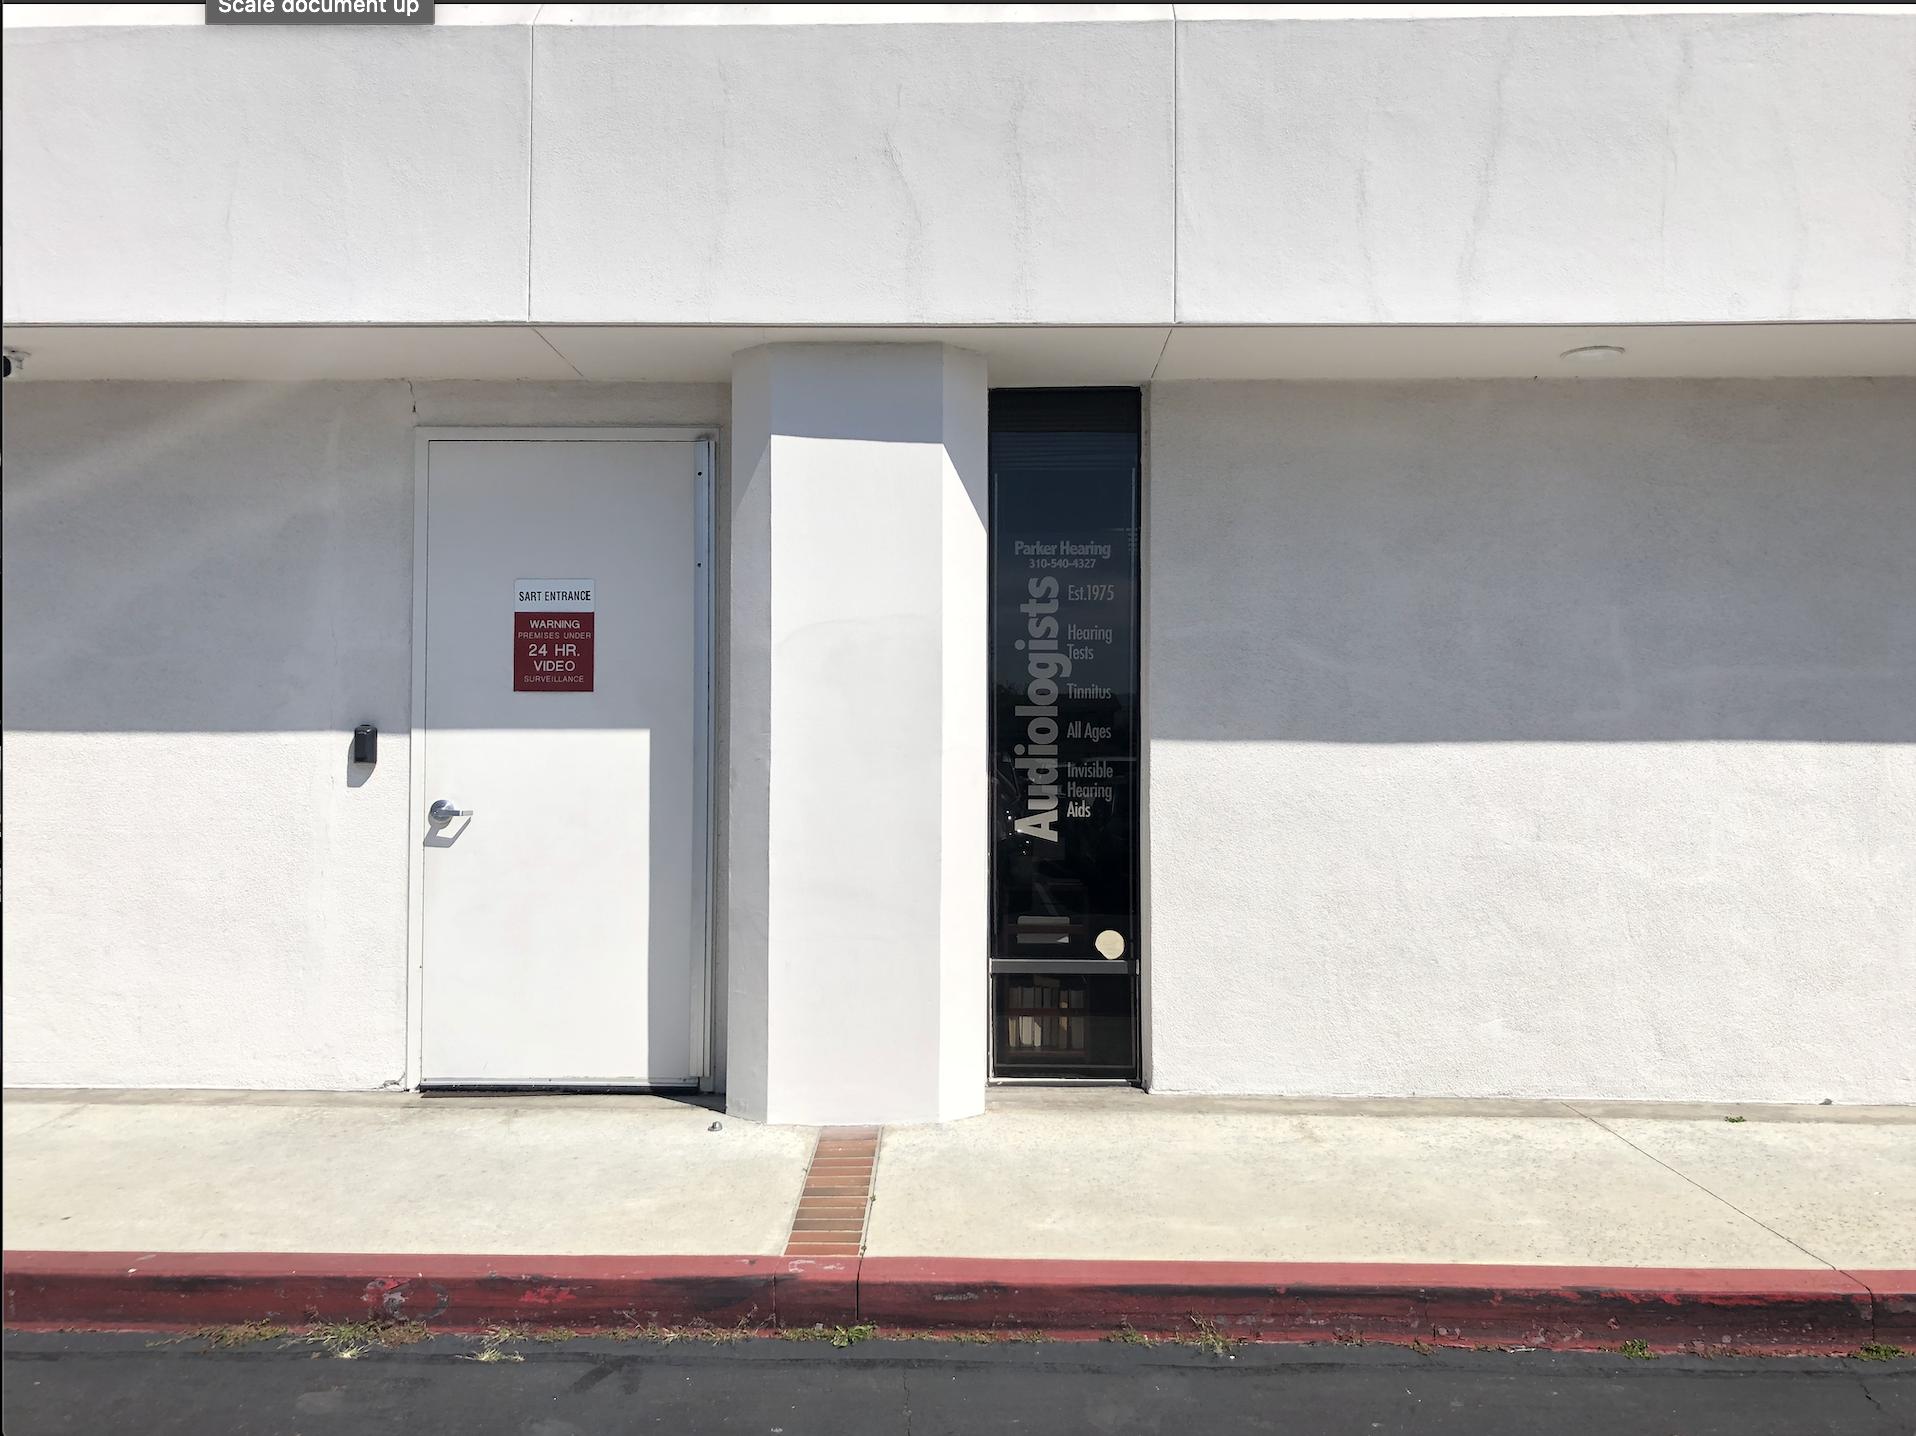 Curbside Service Door